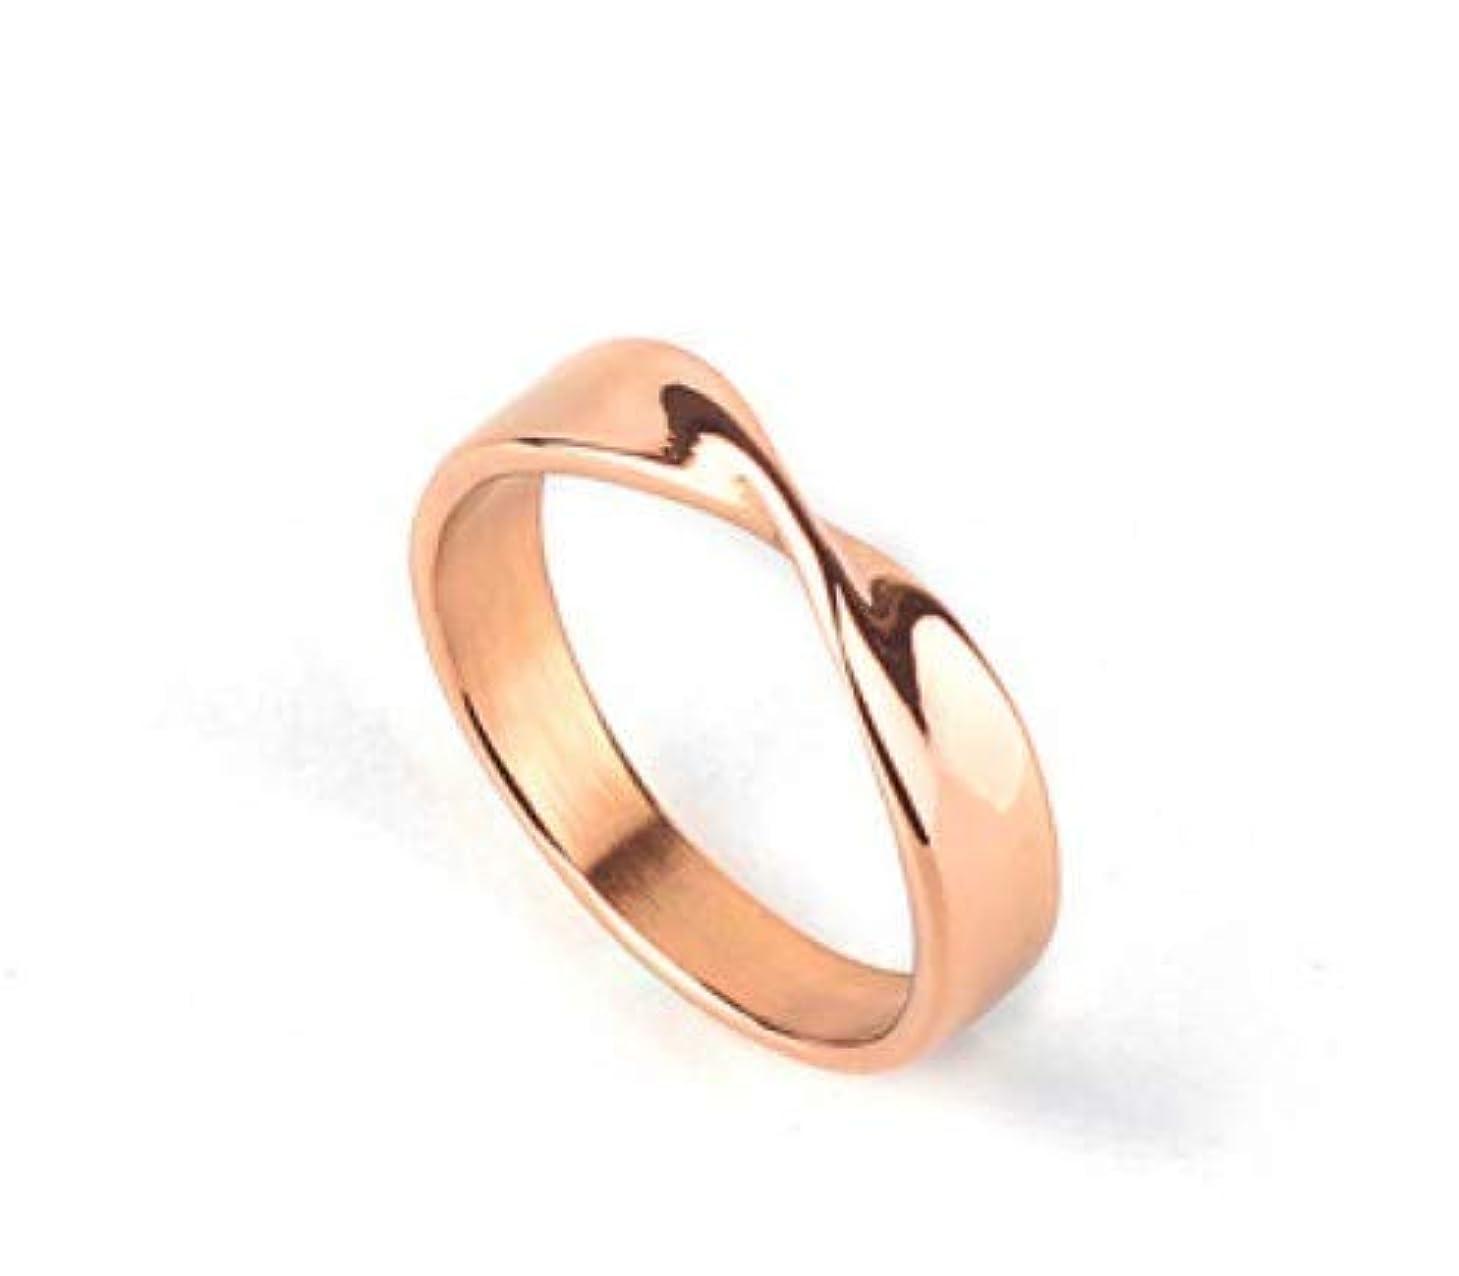 未亡人提案呼ぶ男性と女性の銅の指輪、レトロチタン鋼の指輪、シンプルな幾何学的なカップルパーソナライズされたリングギフト (Color : ゴールド, Design : 8#)